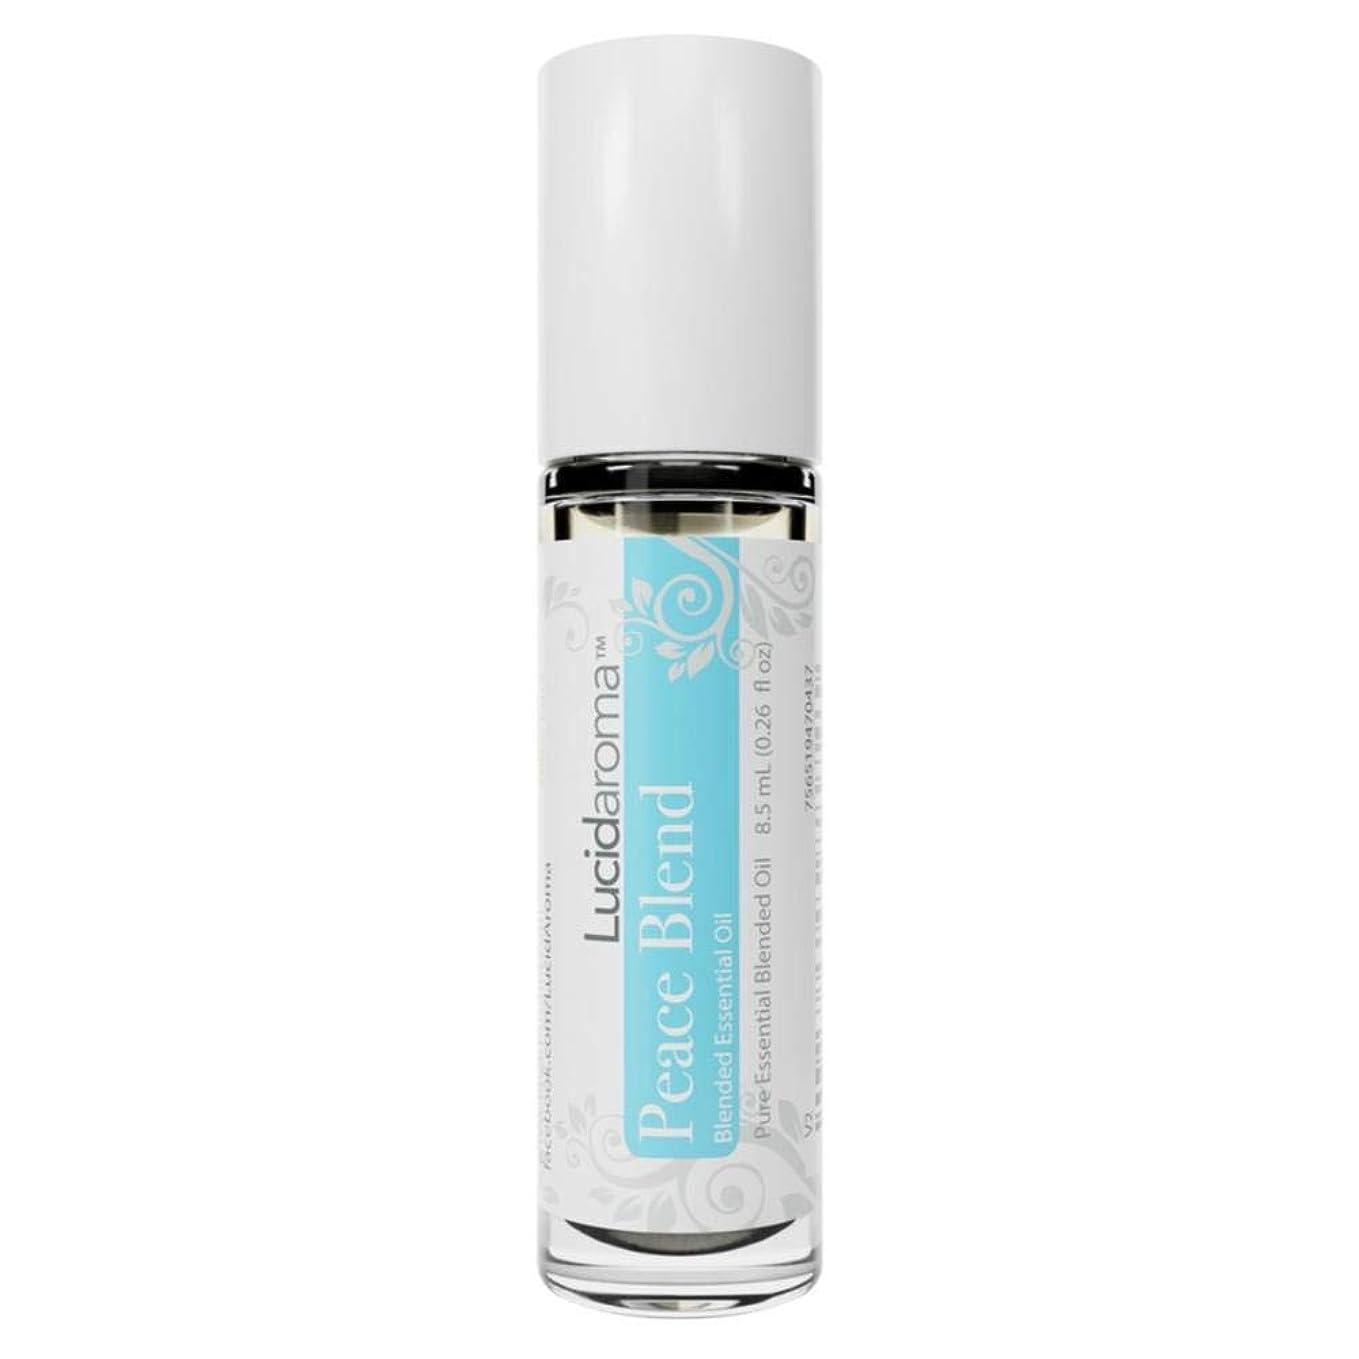 風邪をひくうんざりお酢Lucid Aroma Peace Blend ピース ブレンド ロールオン アロマオイル 8.5mL (塗るアロマ) 100%天然 携帯便利 ピュア エッセンシャル アメリカ製